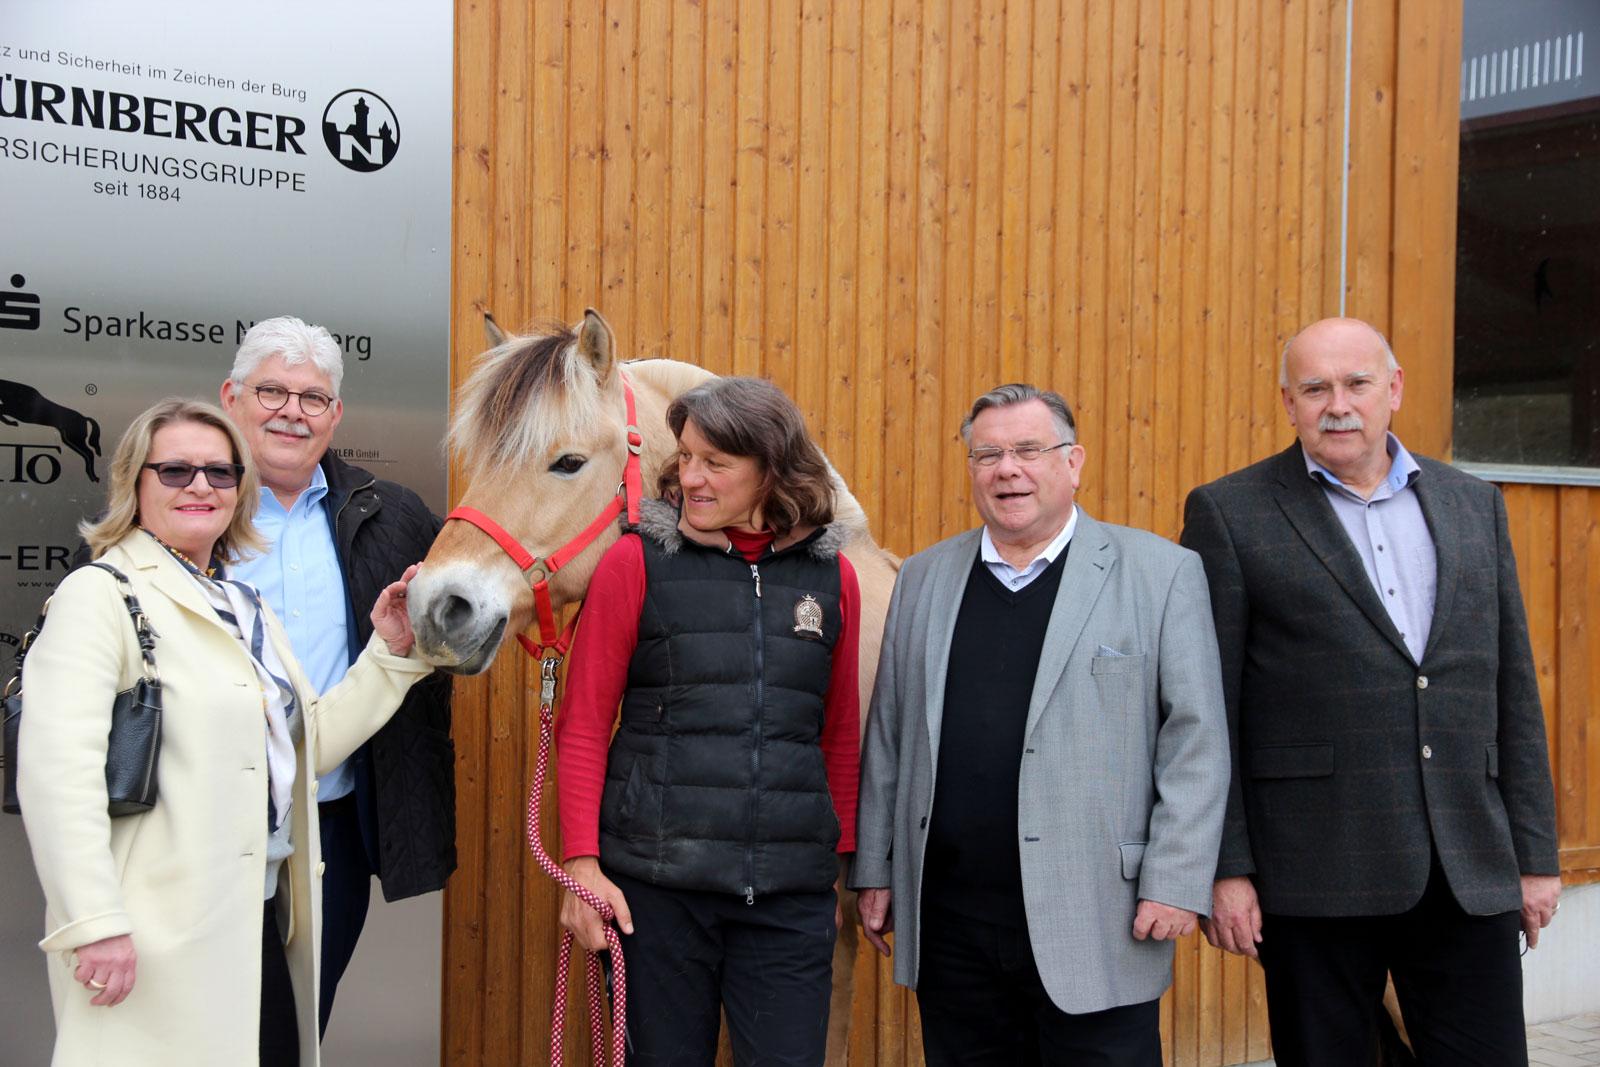 Rundgang und Spende: Jürgen Schulze und dessen Ehefrau lobten gutes Angebot der Lebenshilfe. Mit 500 Euro unterstützen die Eheleute den Reittherapiefonds.